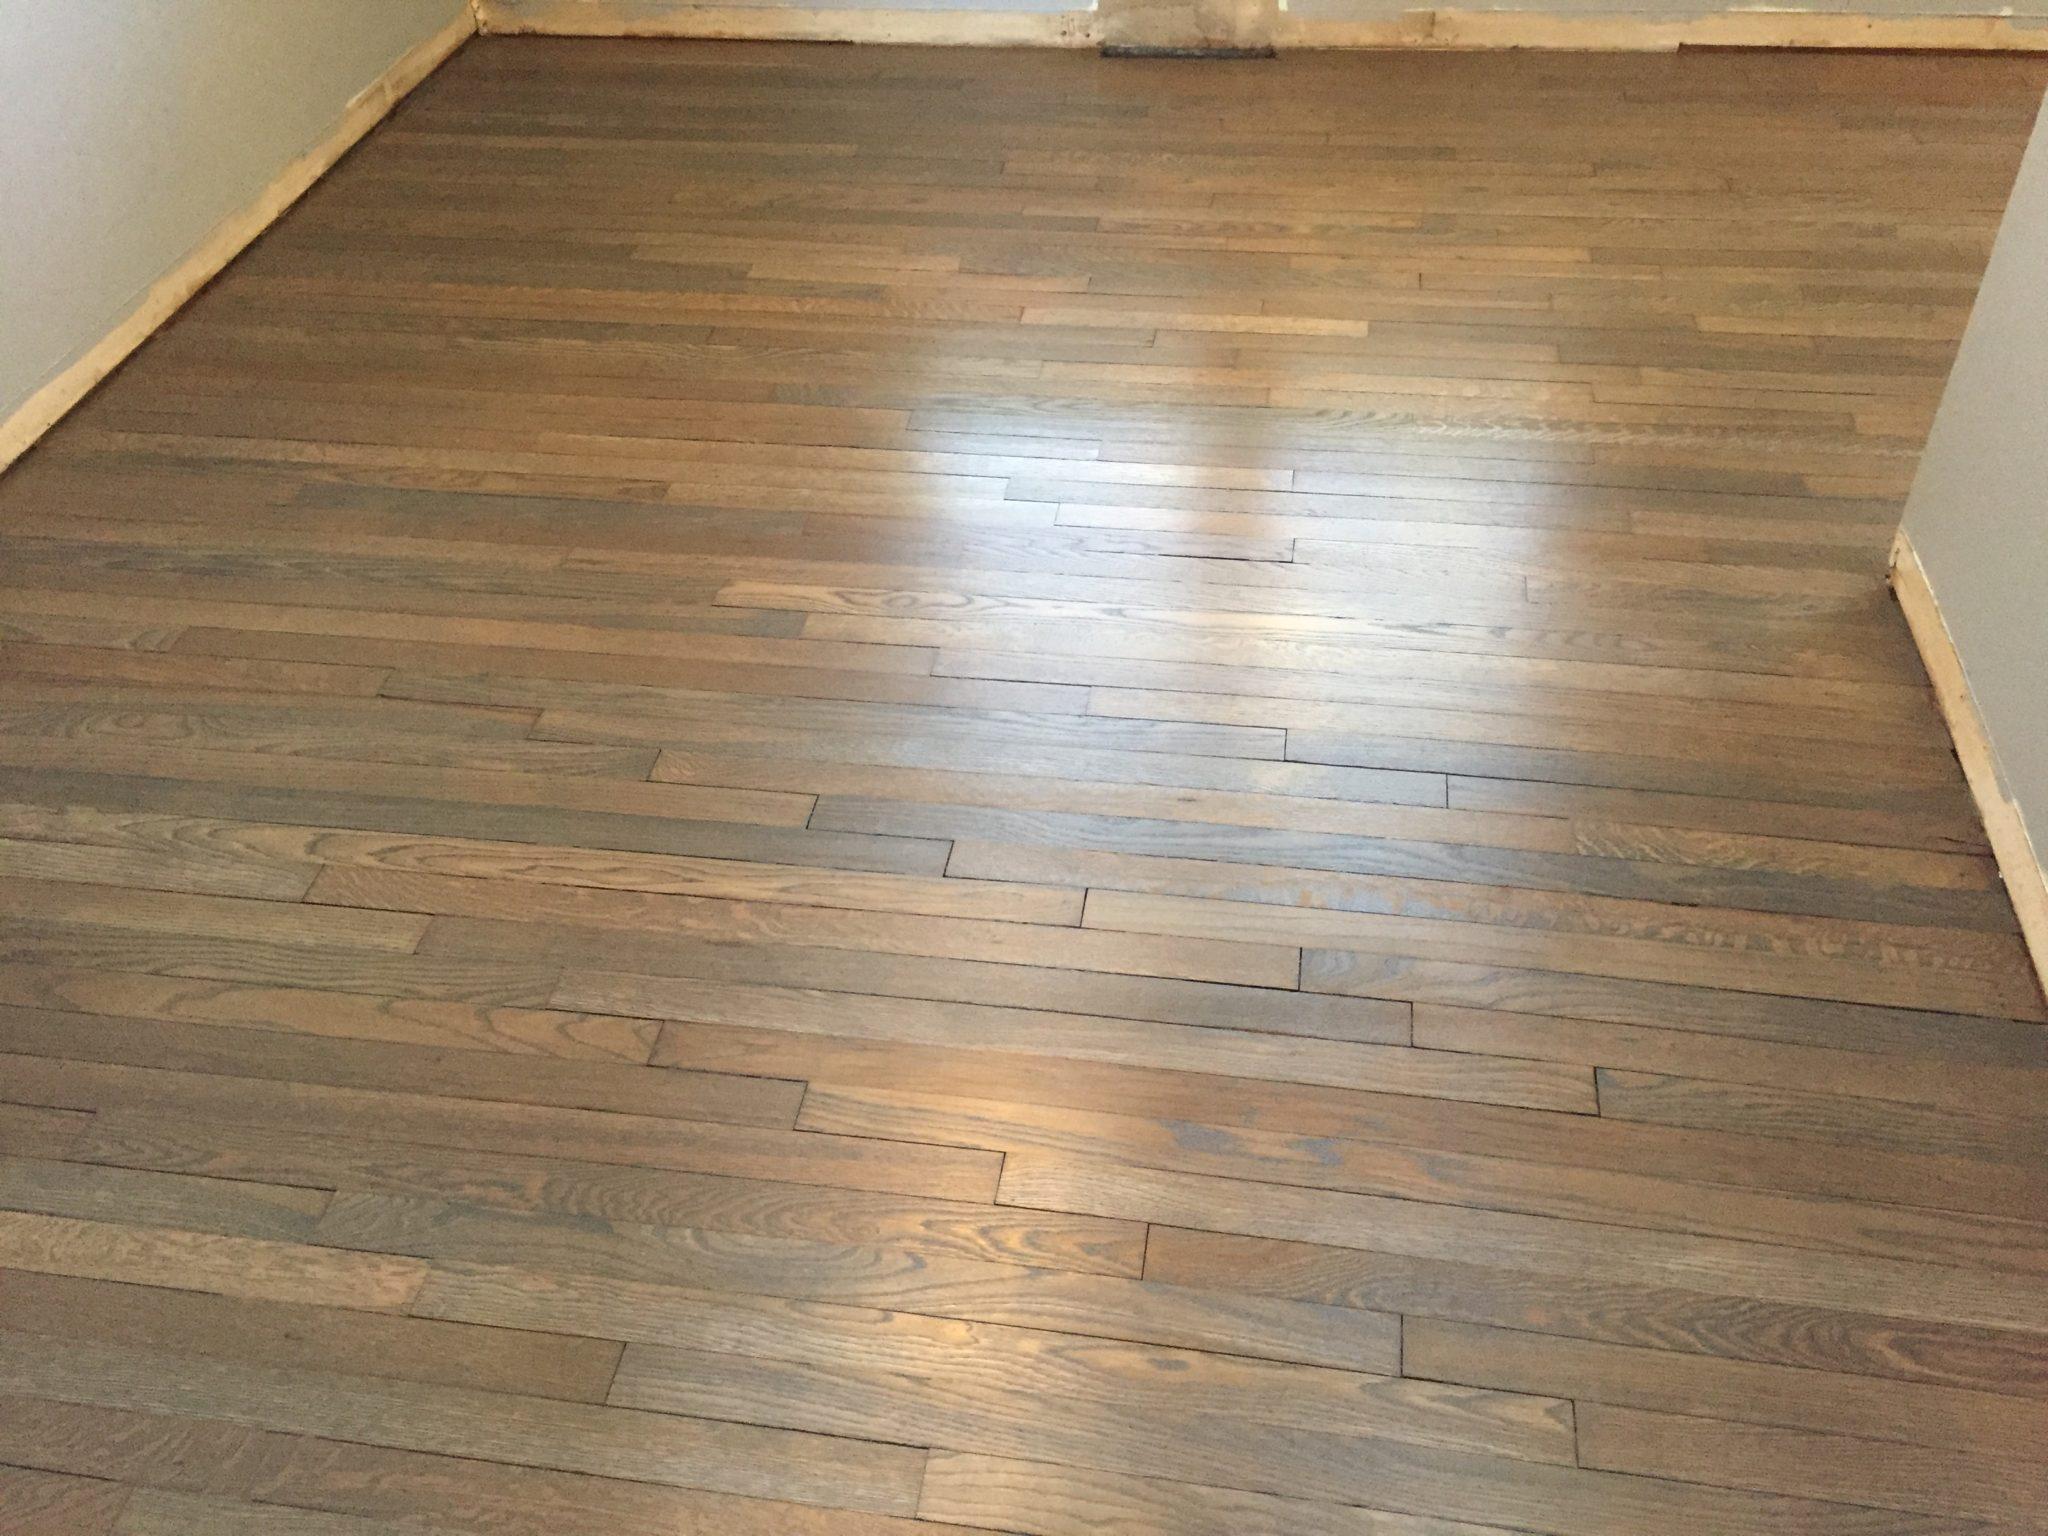 wood floor repairs, wood floor patching, welborn floors, hardwood flooring, wood floor repair